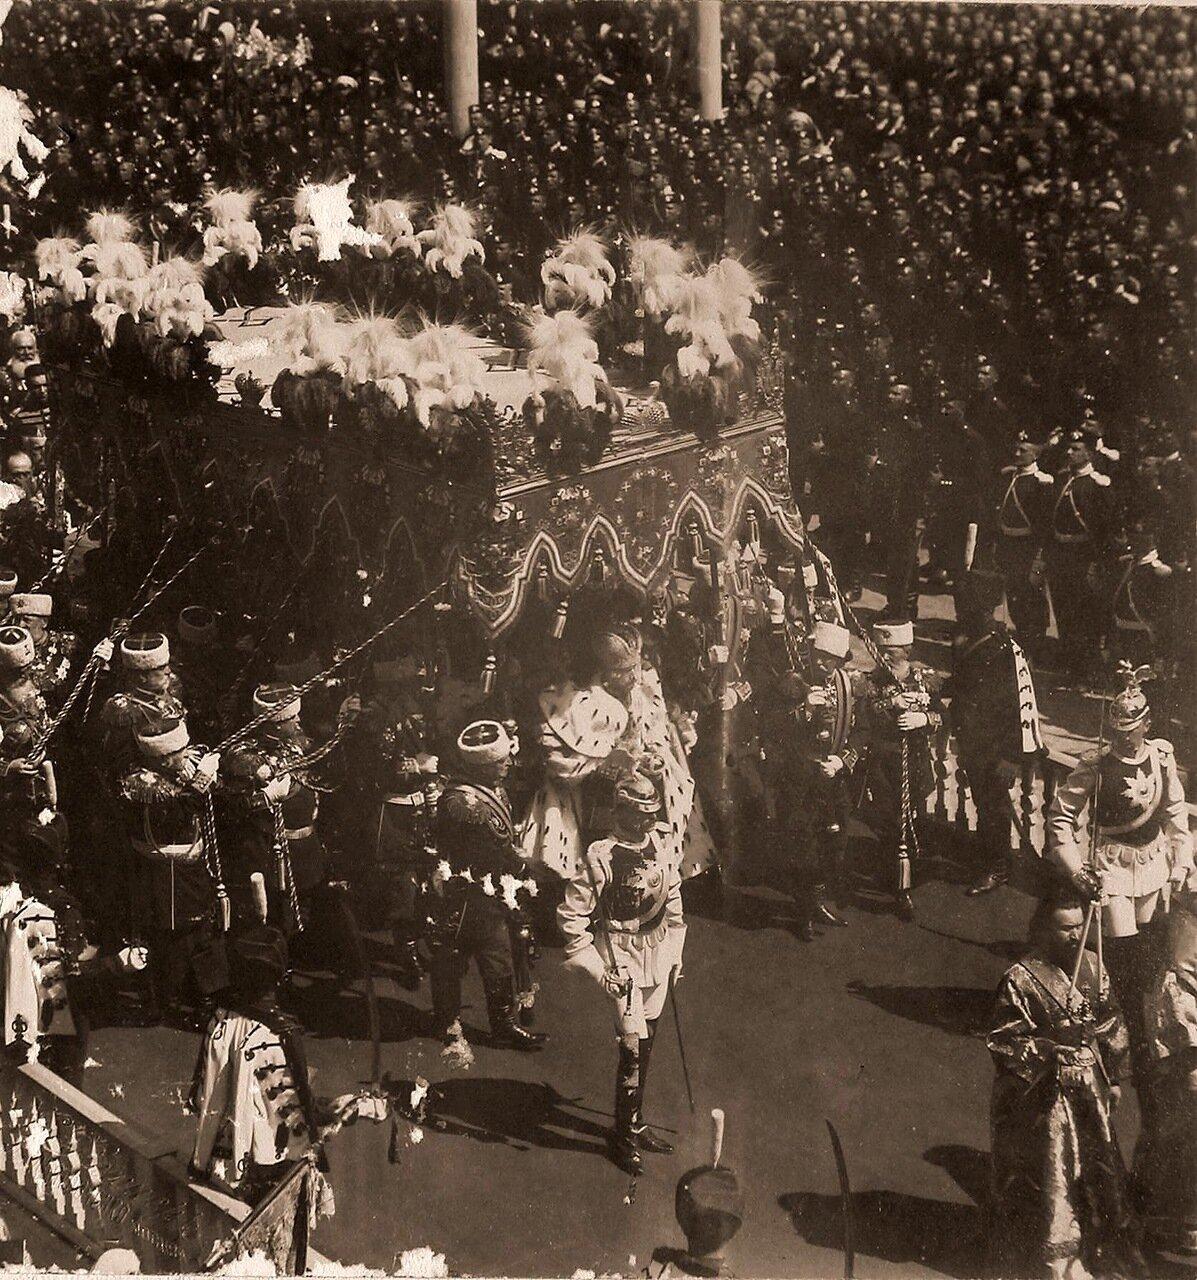 Торжественное шествие императора Николая II (под балдахином) в сопровождении свиты по окончании церемонии коронации в Успенском соборе Кремля